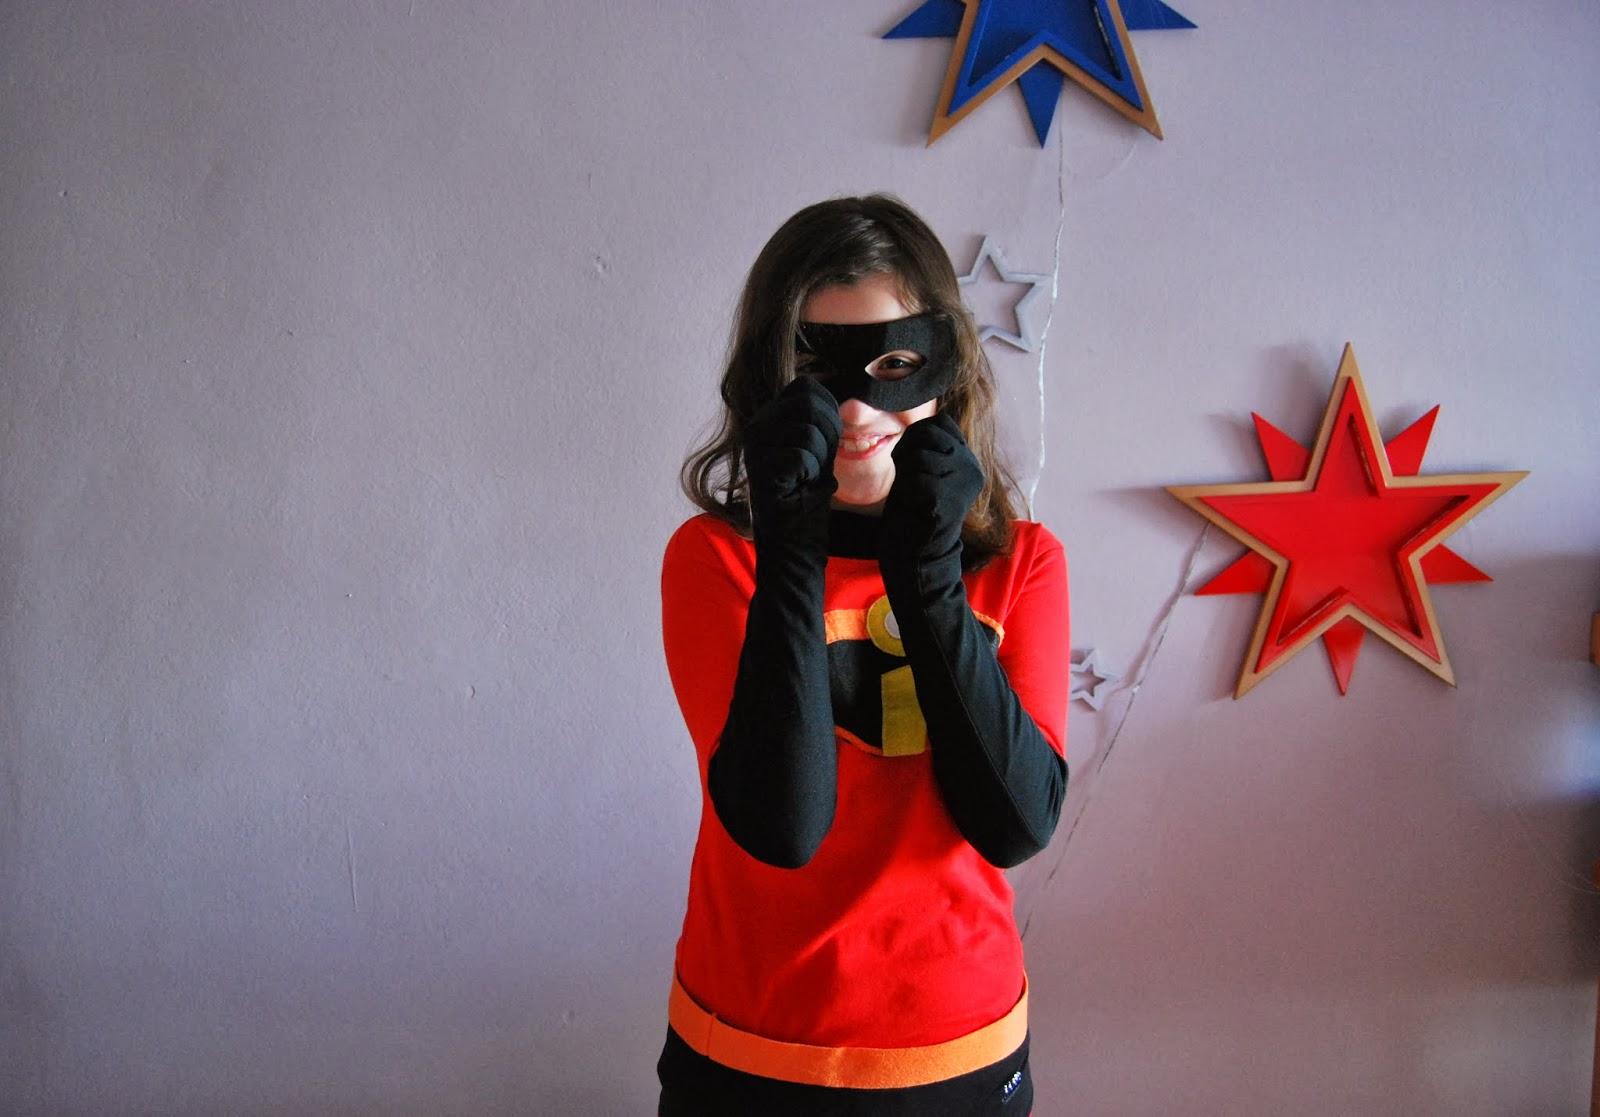 http://sosunnyblog.blogspot.com.es/2014/02/los-increibles-o-como-hacer-un-disfraz.html